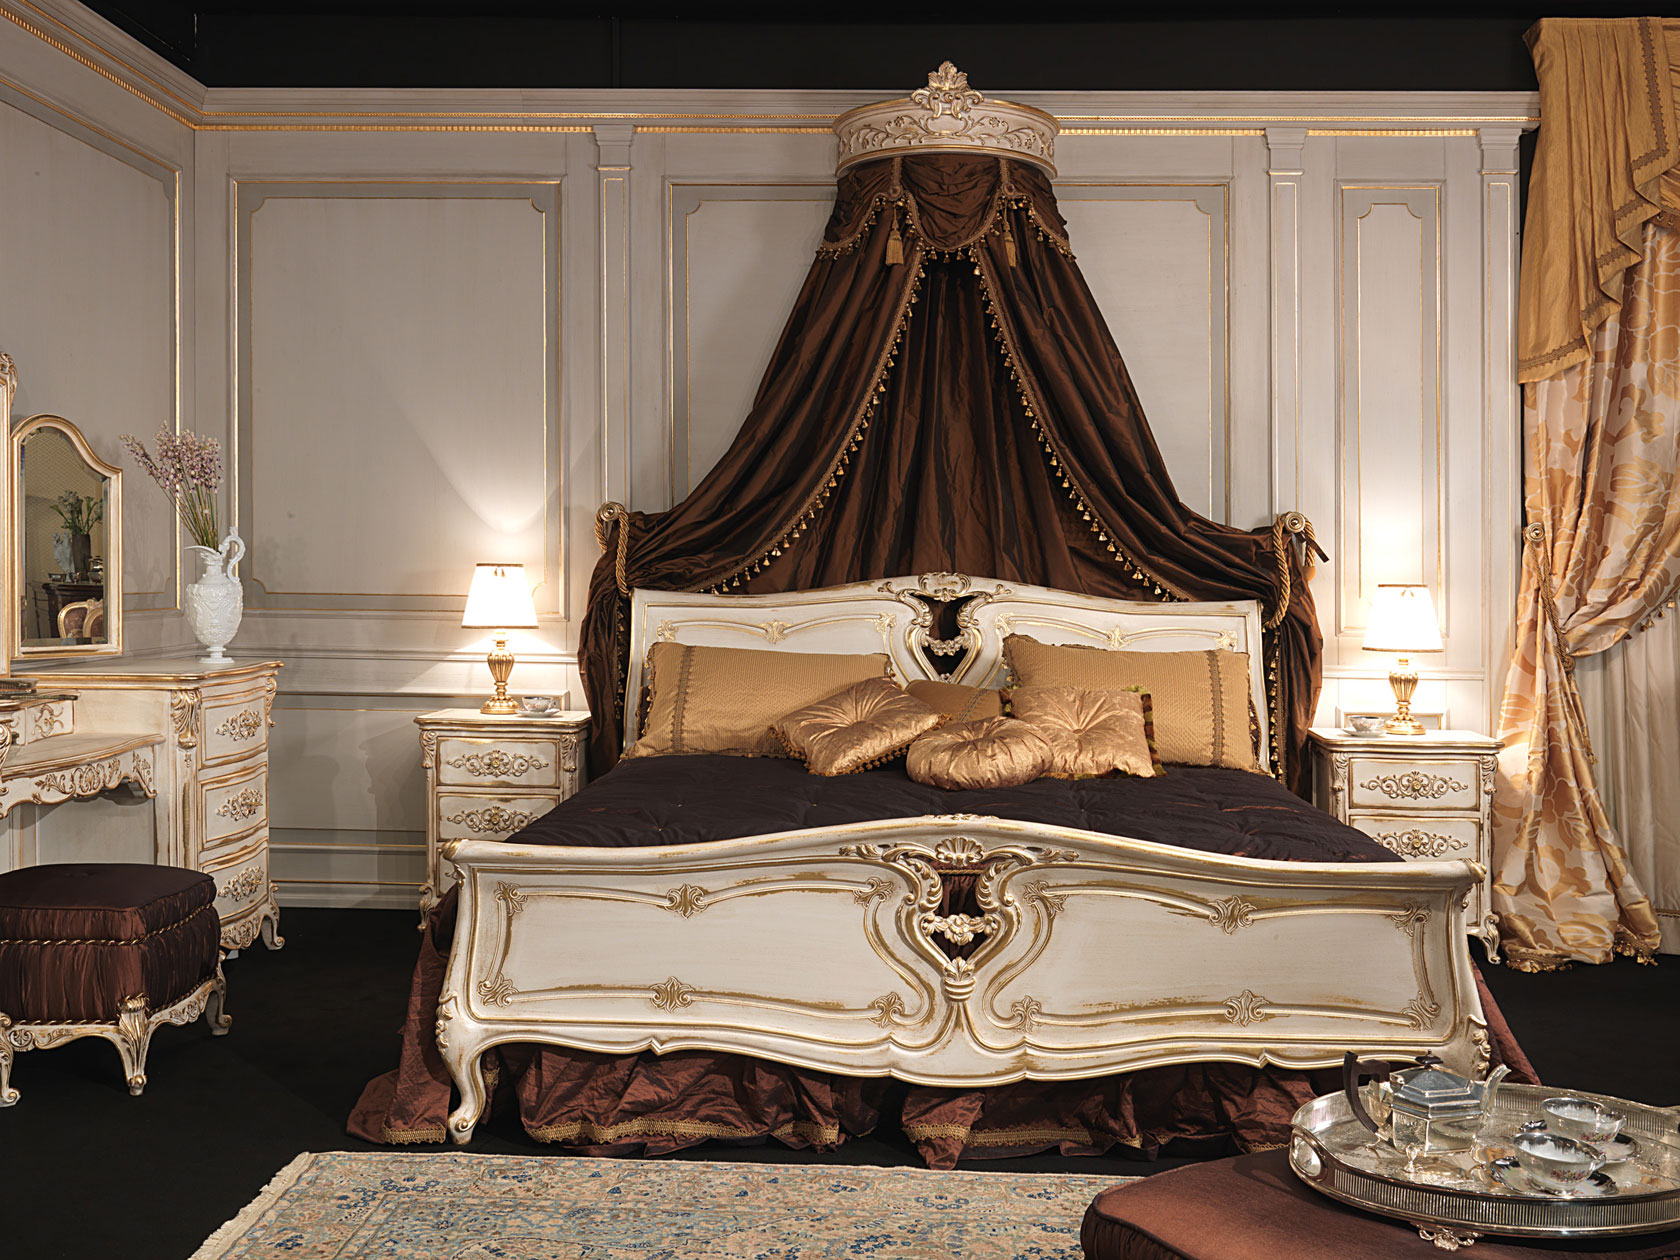 Camera da letto in stile luigi xvi letto in legno - Letto a baldacchino in legno ...